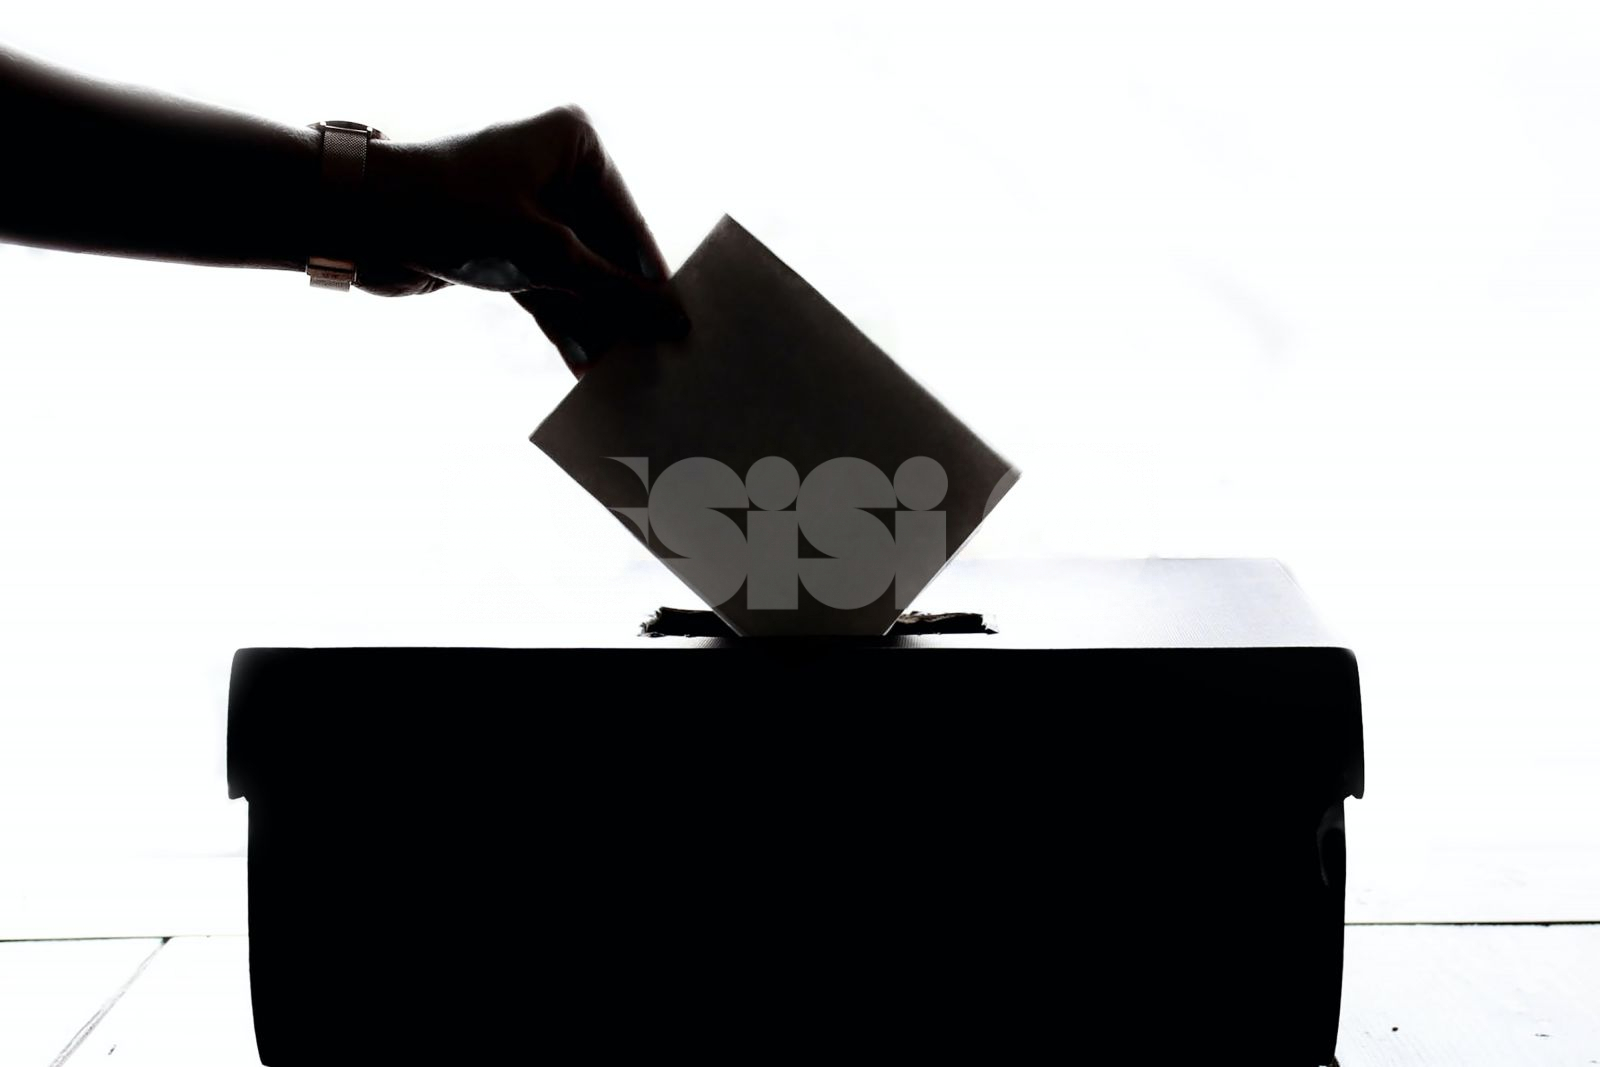 Amministrative 2021, quando si vota? È ufficiale, il 3-4 ottobre